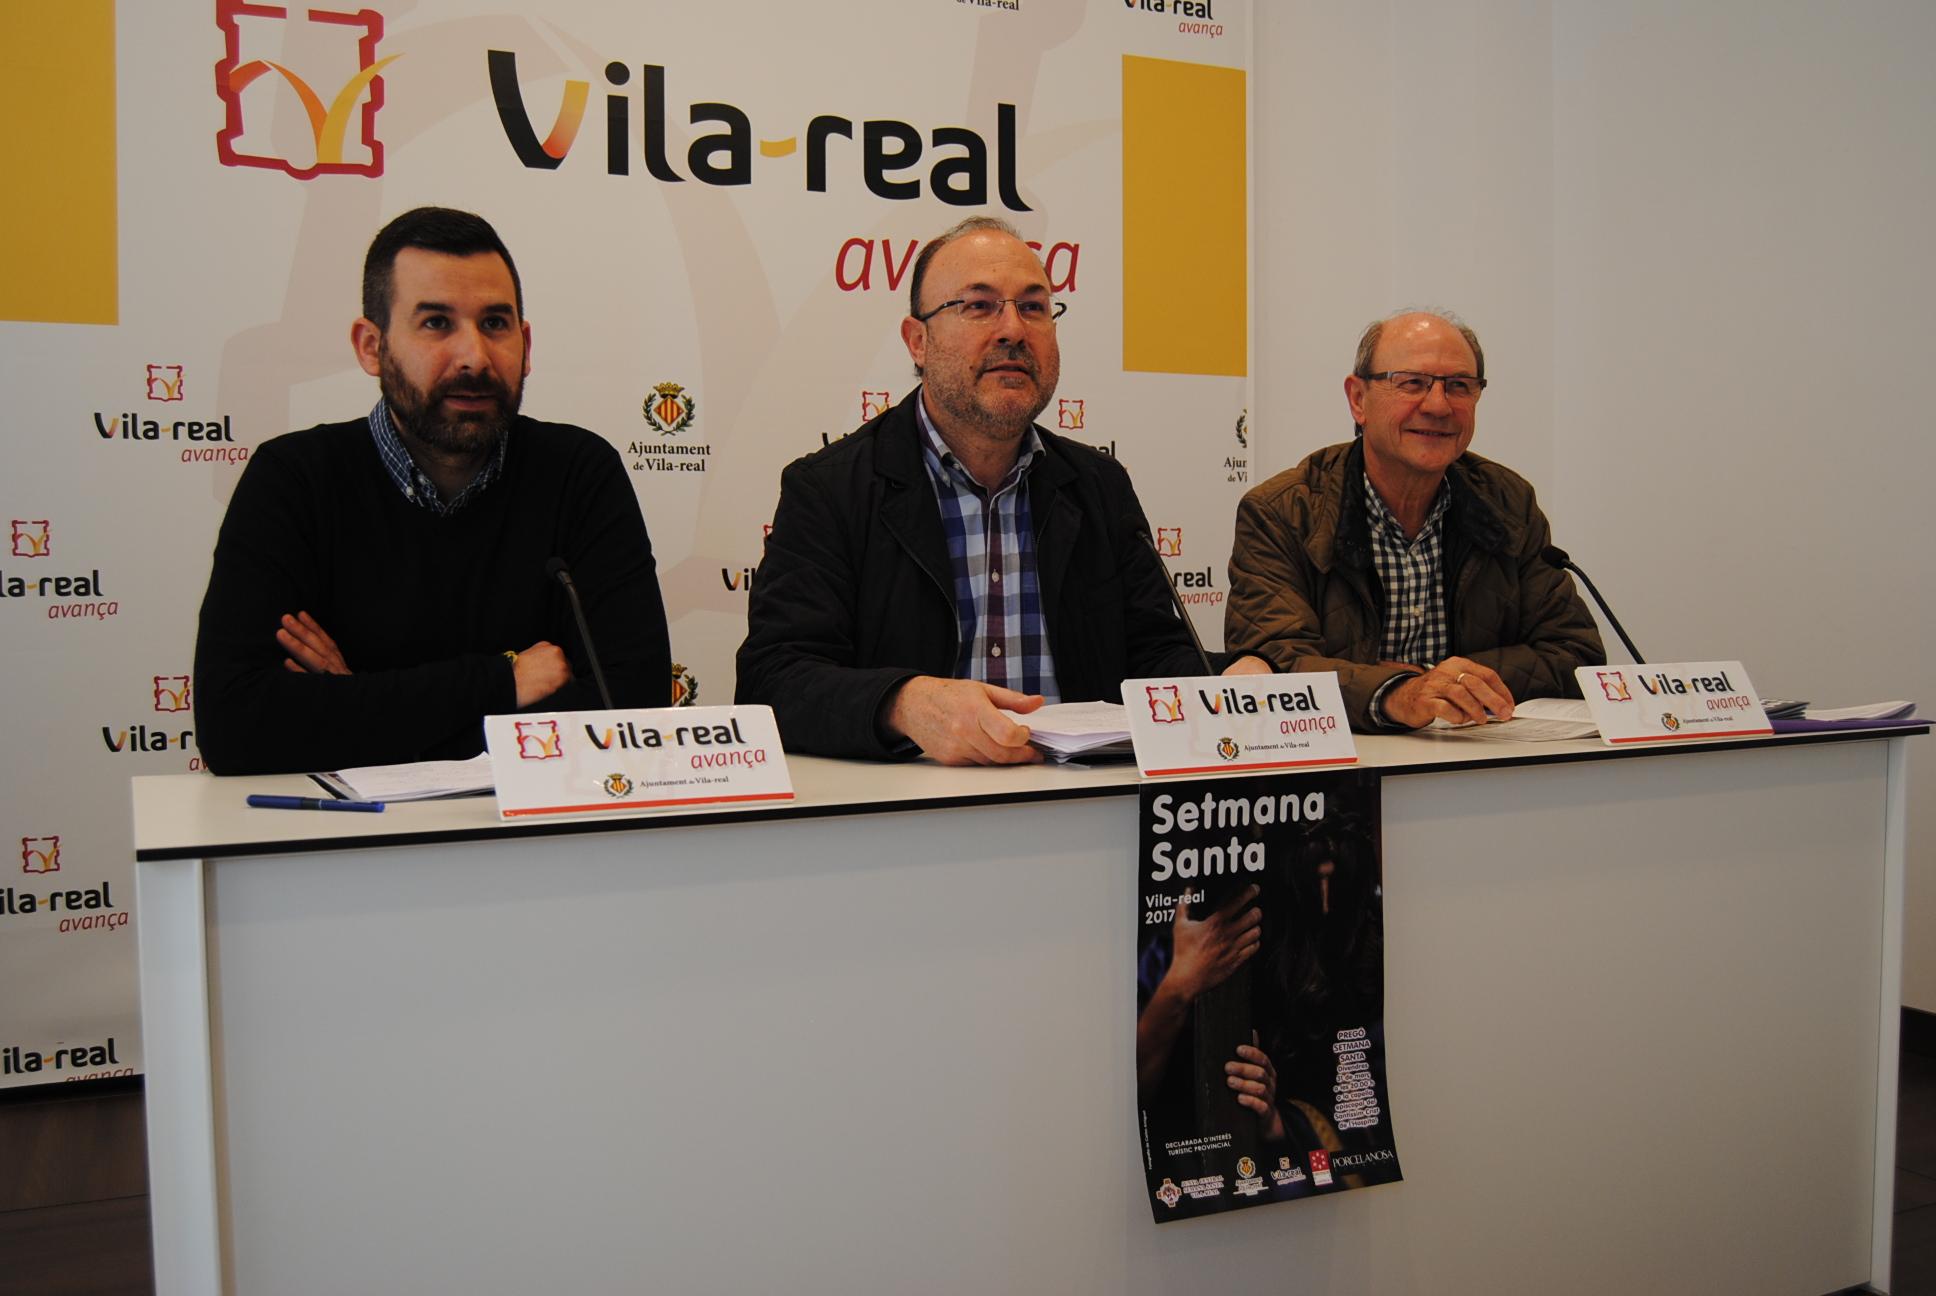 La Semana Santa de Vila-real vuelve con una veintena de actos que conjugan tradición, innovación, arte y cultura locales